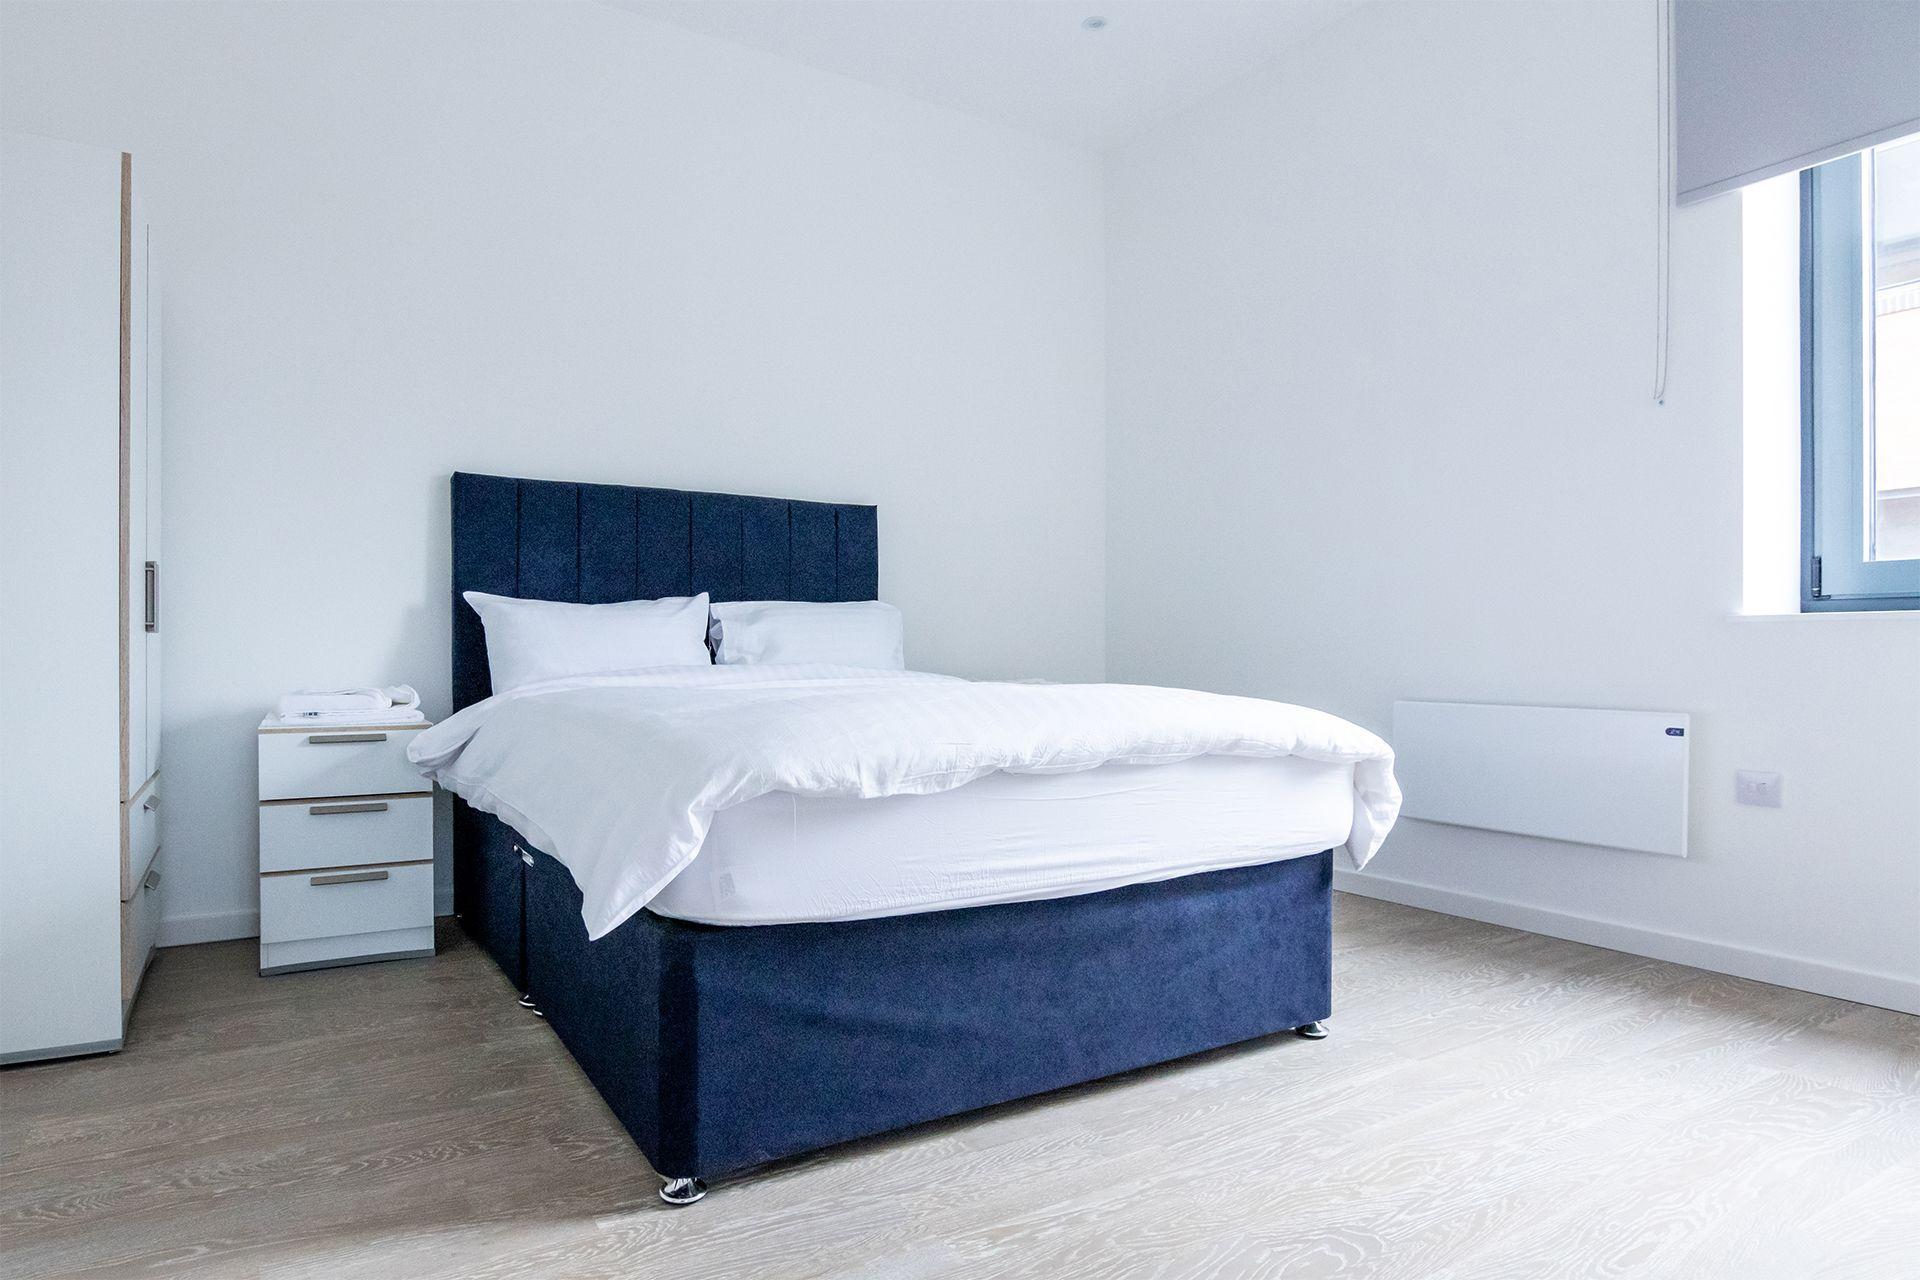 Studio apartment to rent in London VIL-TU-0013